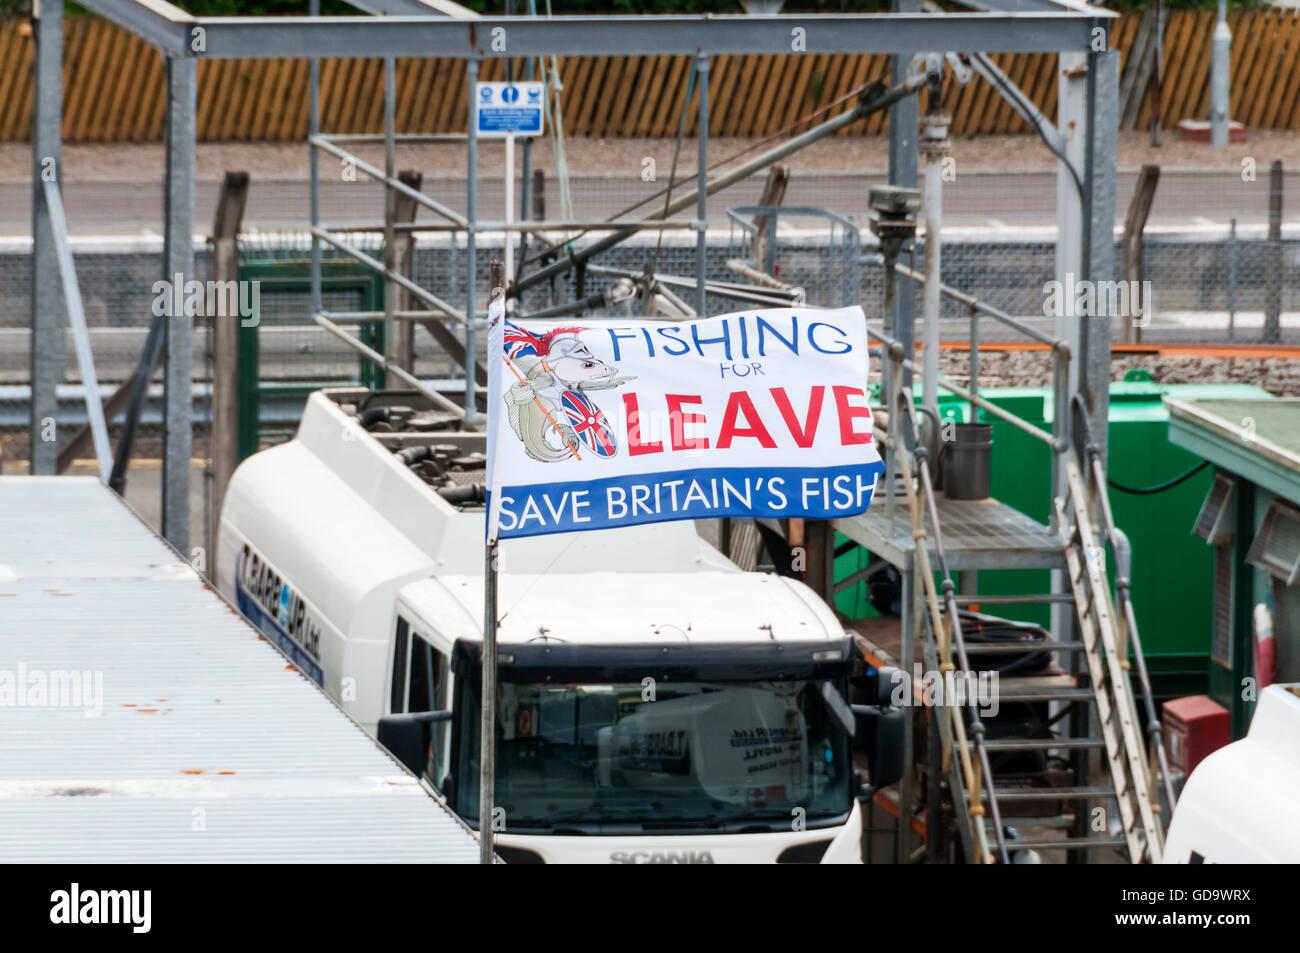 Un congé pour la pêche d'un drapeau affiché dans le port d'Oban, Scotland. La sortie de l'appui Photo Stock